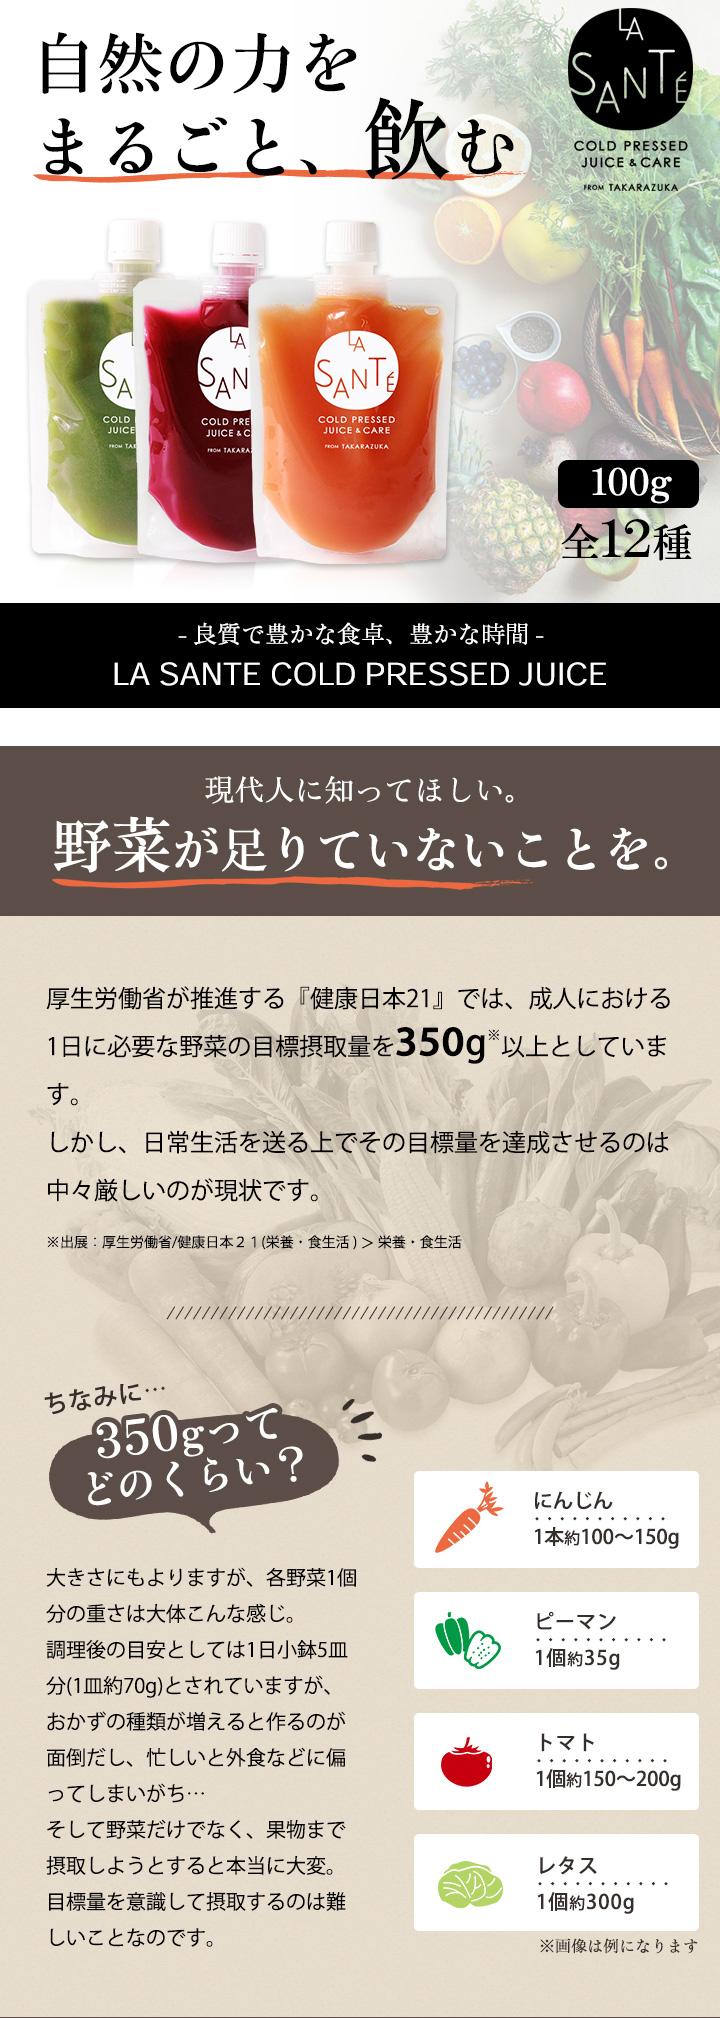 宝塚ラサンテ コールドプレスジュース